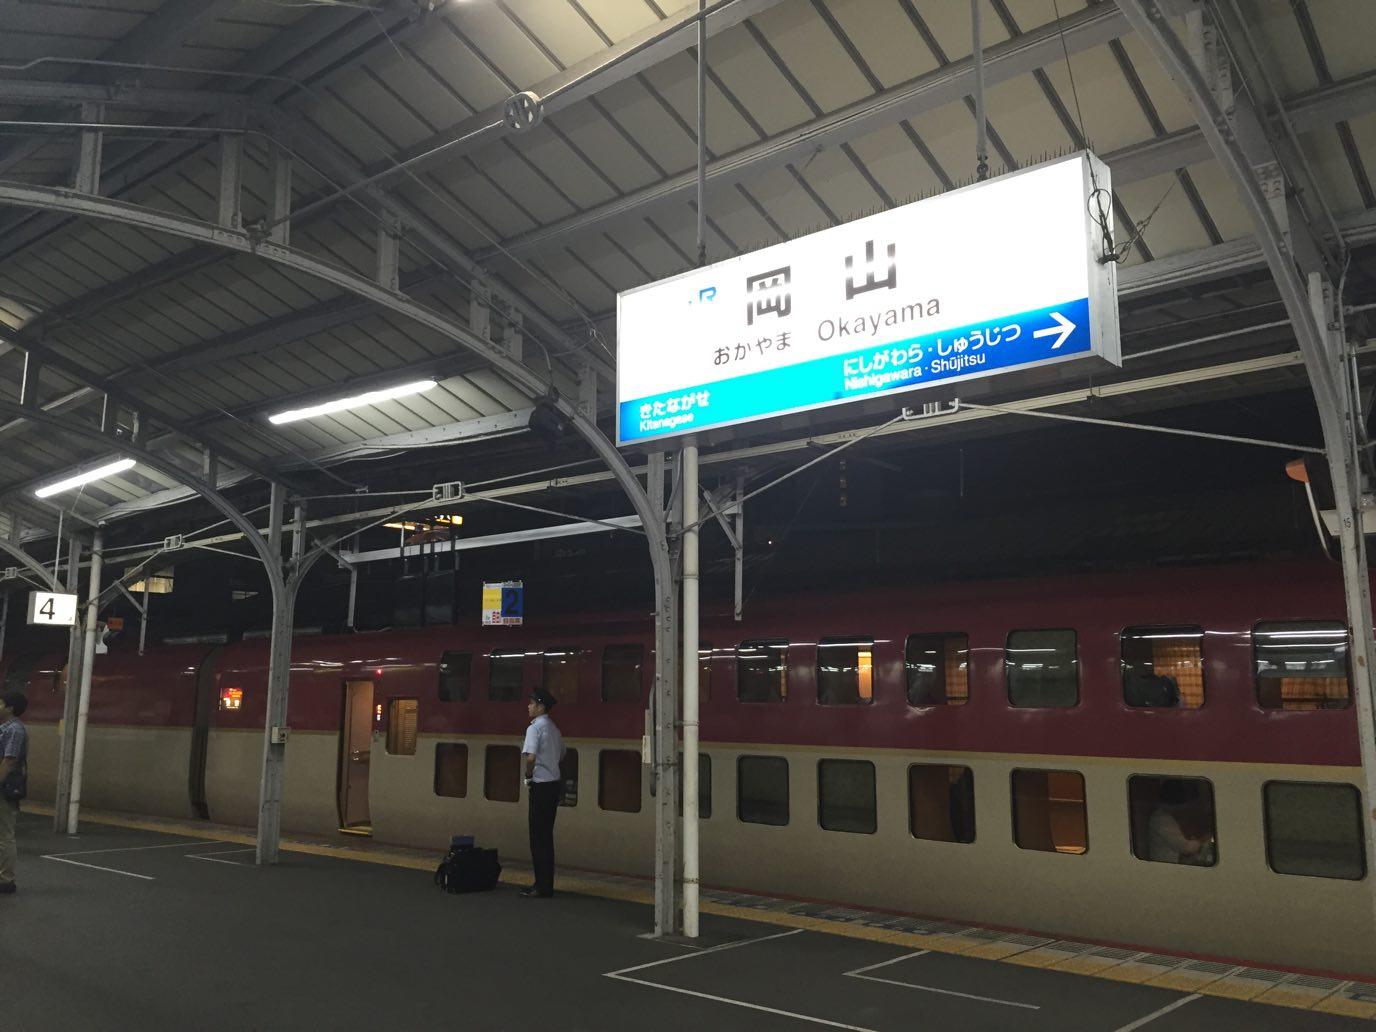 サンライズ 岡山駅